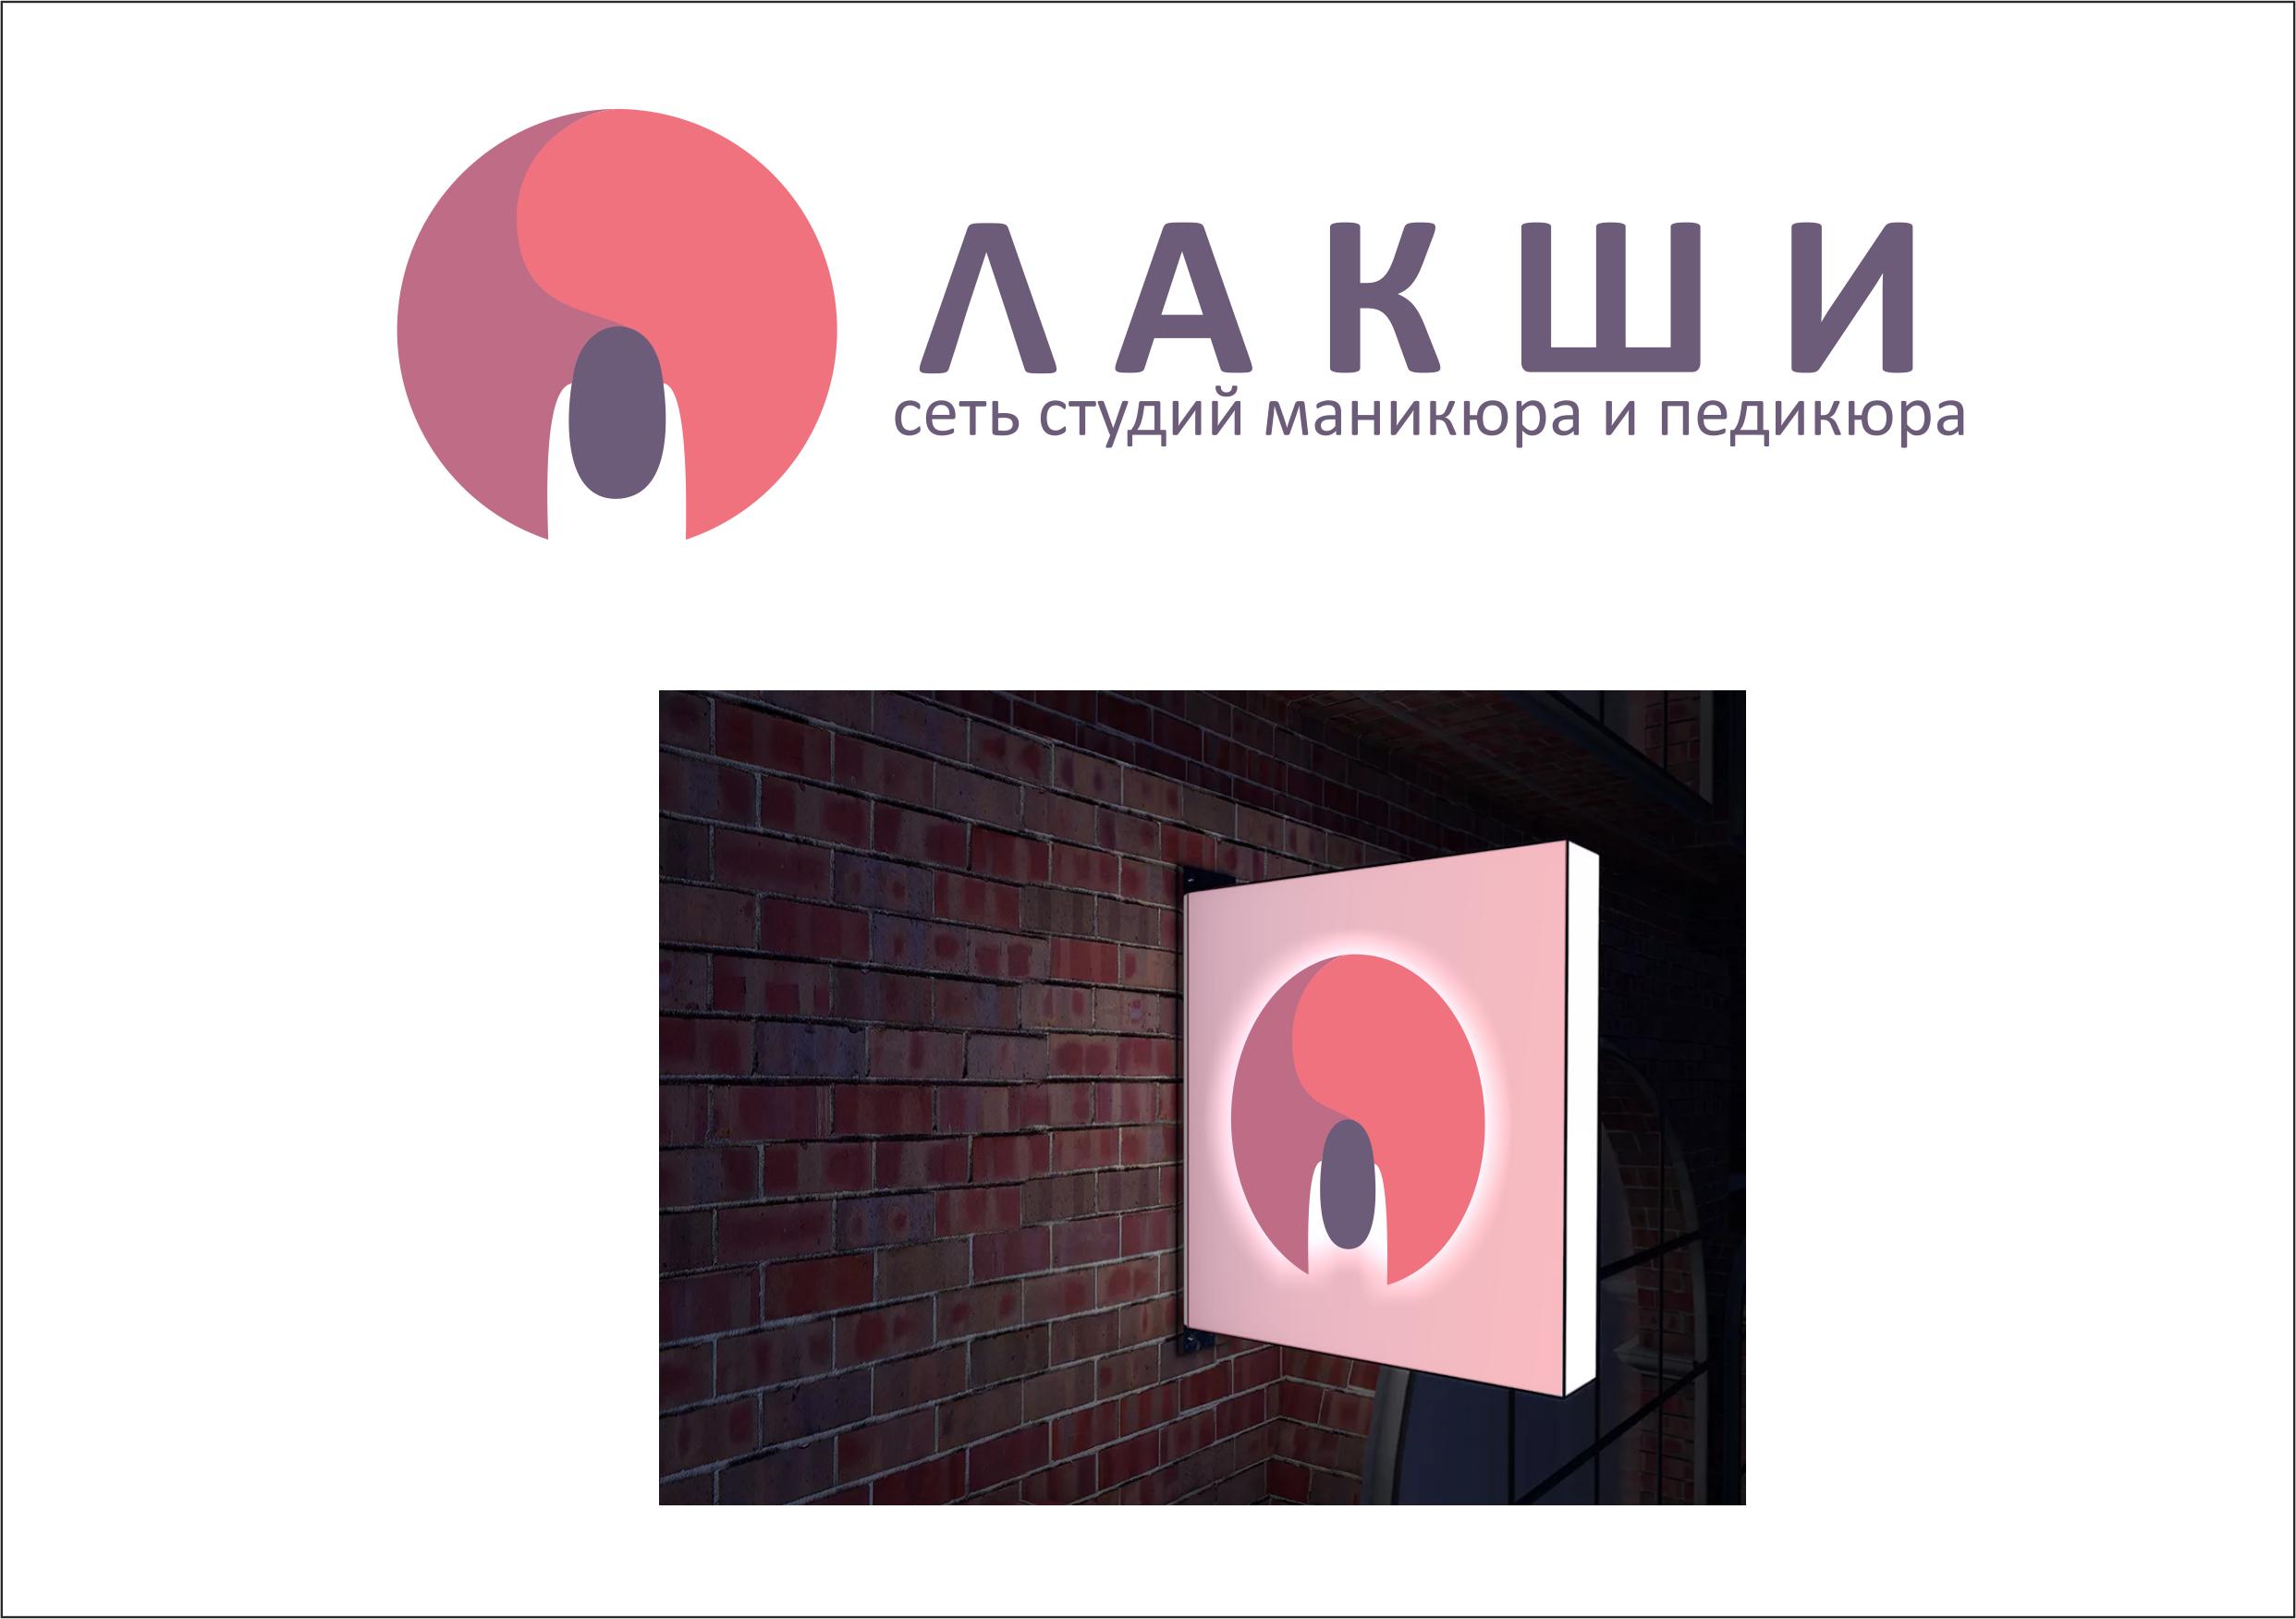 Разработка логотипа фирменного стиля фото f_7645c6865d68cab5.png